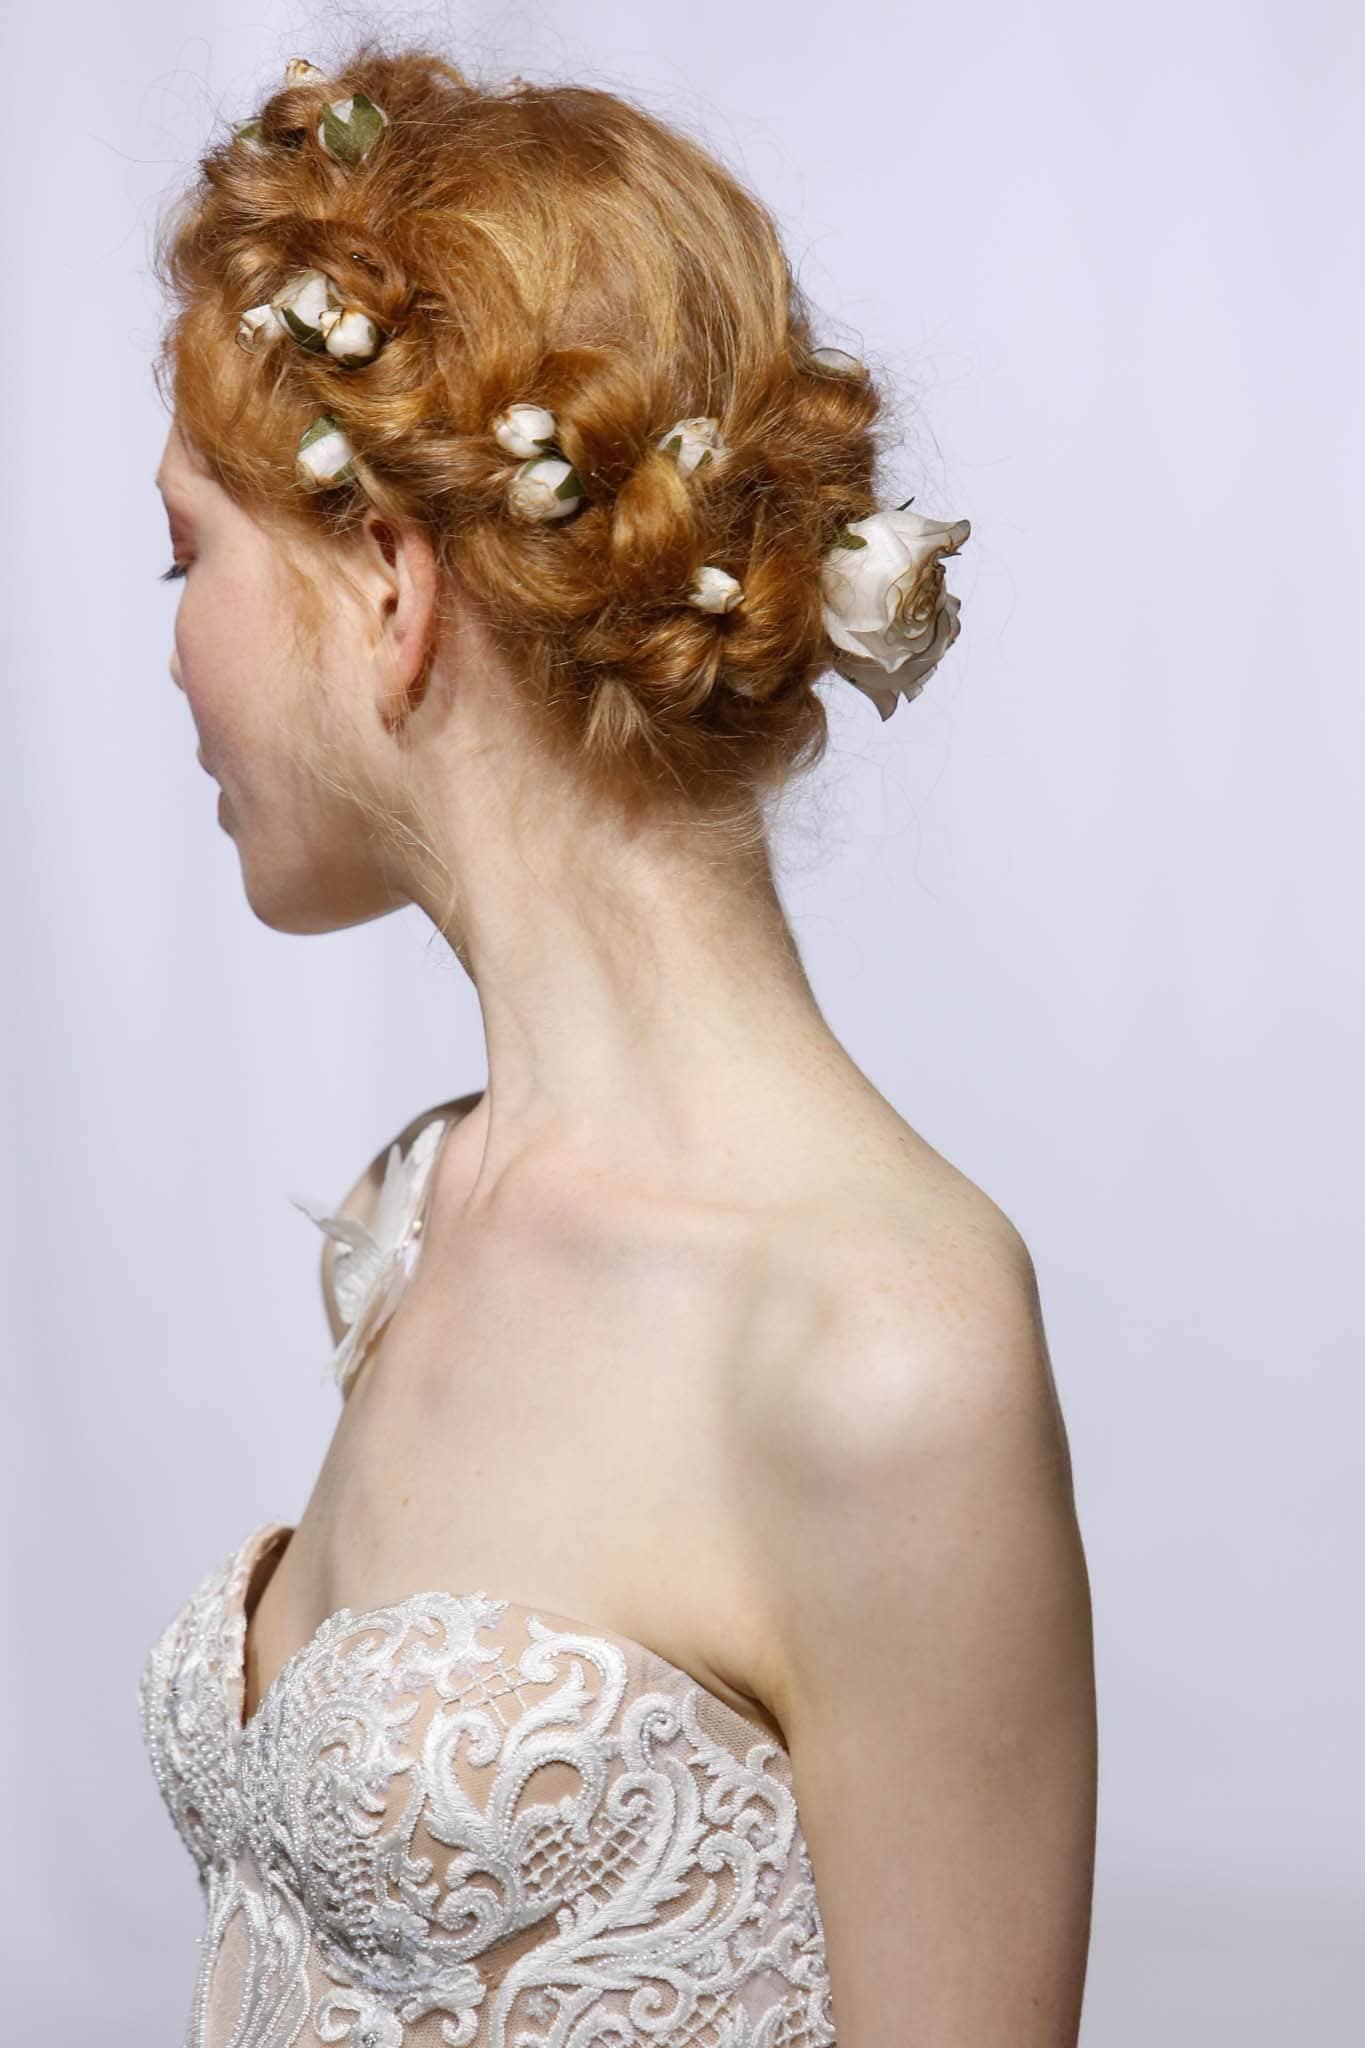 peinado para boda recogido trenza corona baja rojizo colorado flores accesorio reem acra